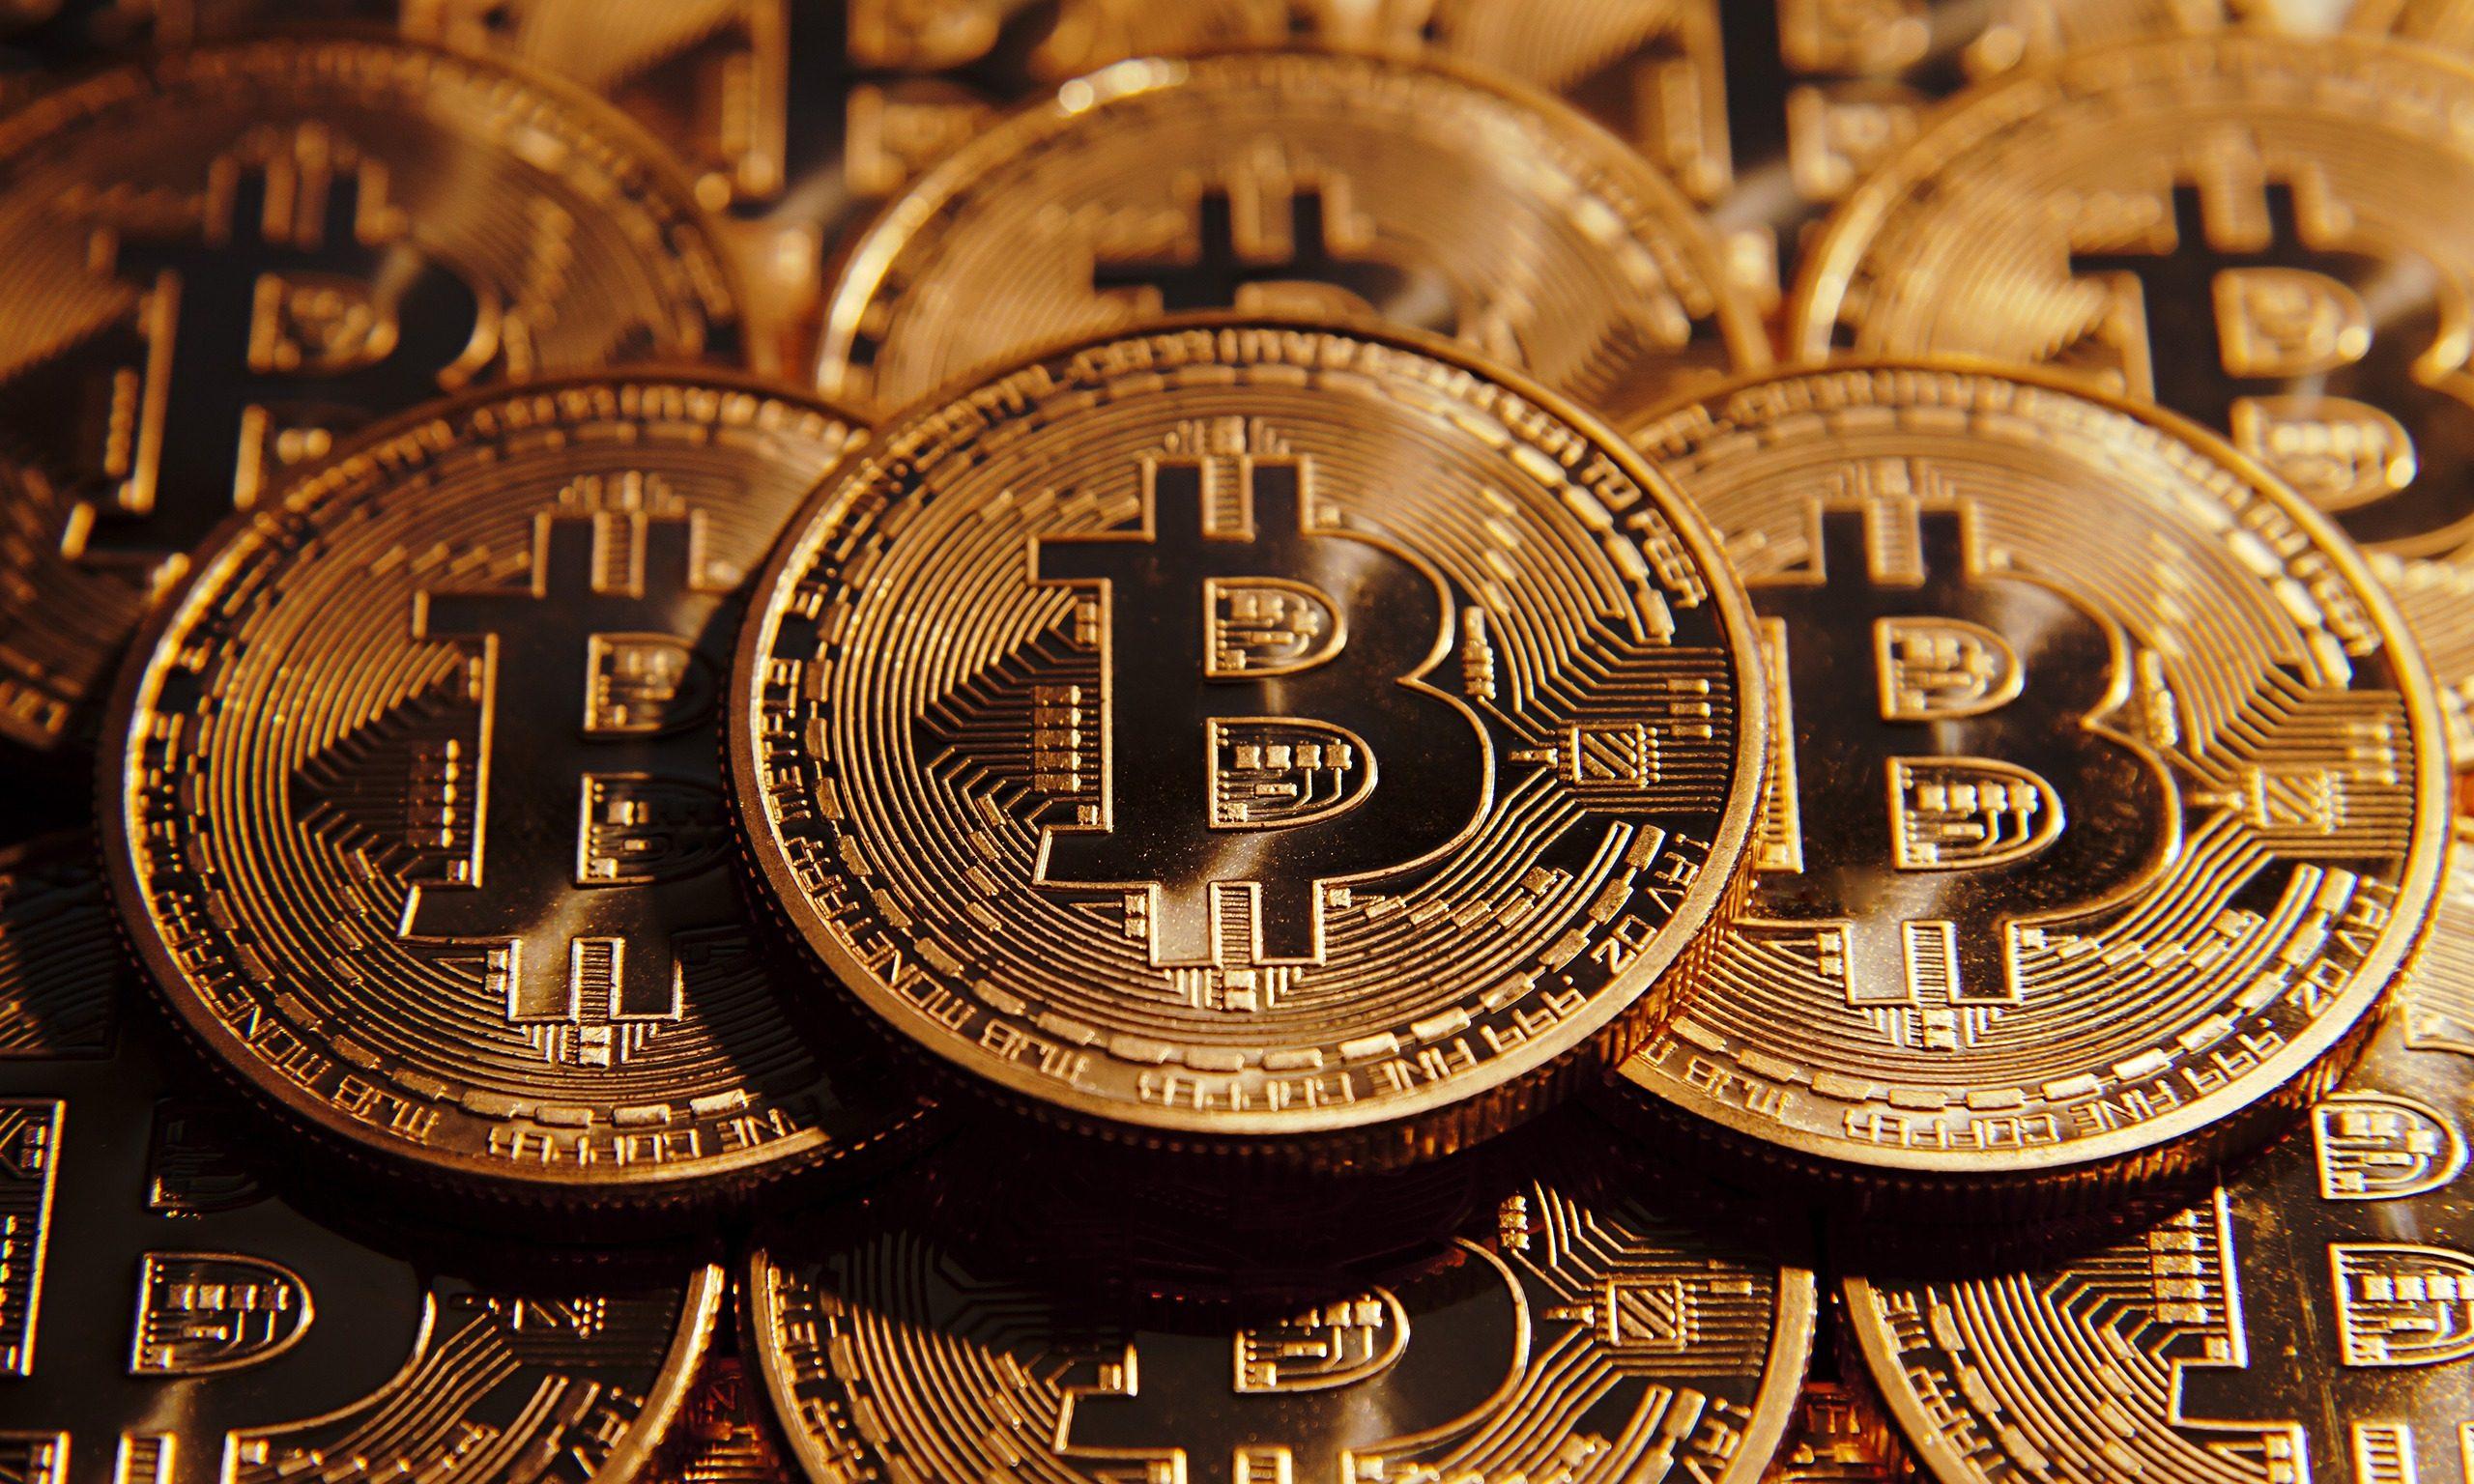 Crypto là gì? Bật mí cách đầu tư crypto hiệu quả